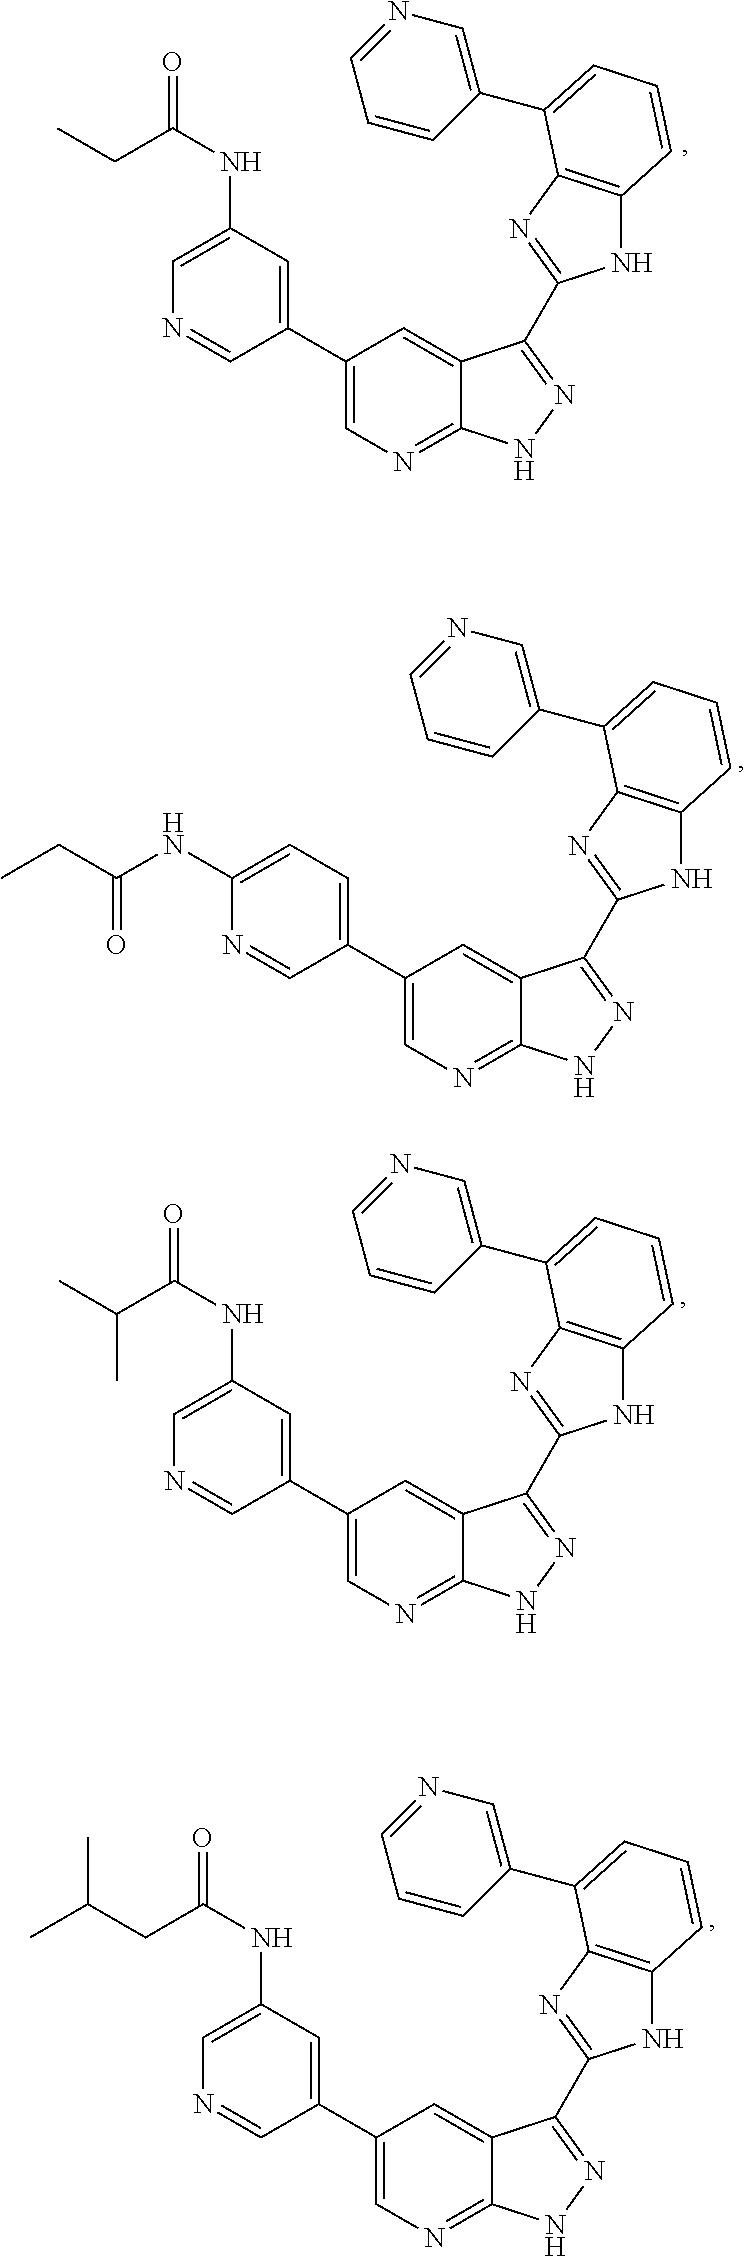 Figure US08618128-20131231-C00049